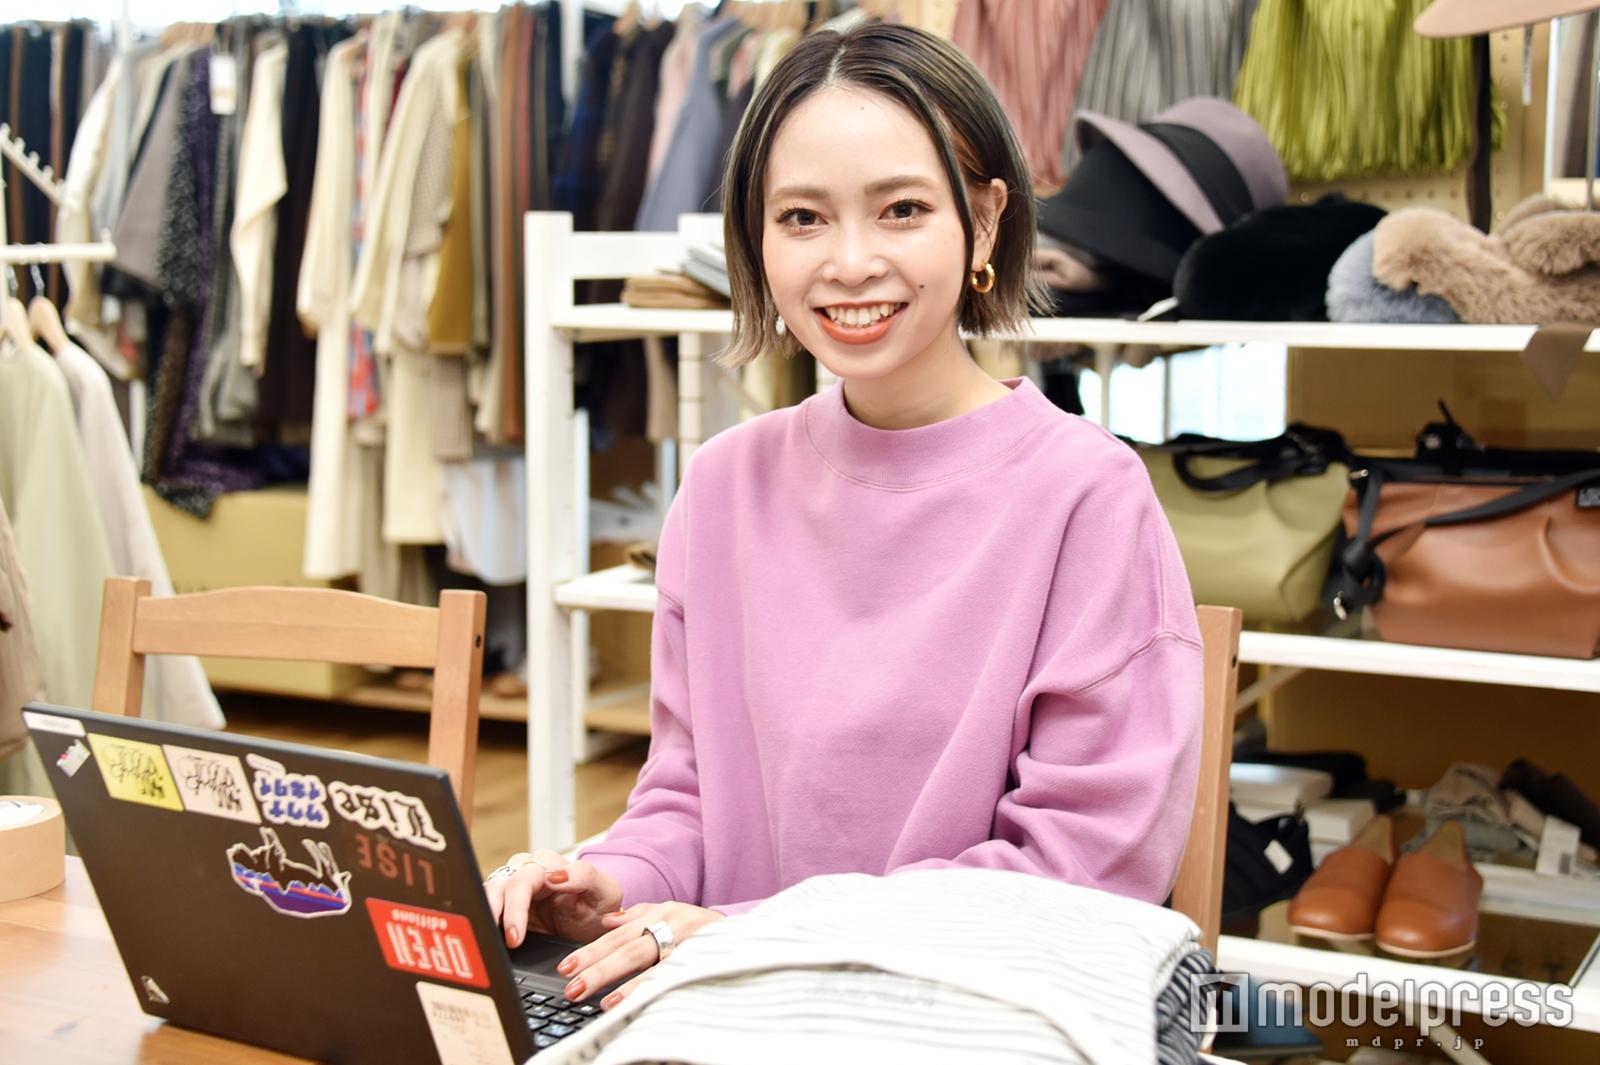 モデルプレスのインタビューに応じた富田芽衣さん(C)モデルプレス